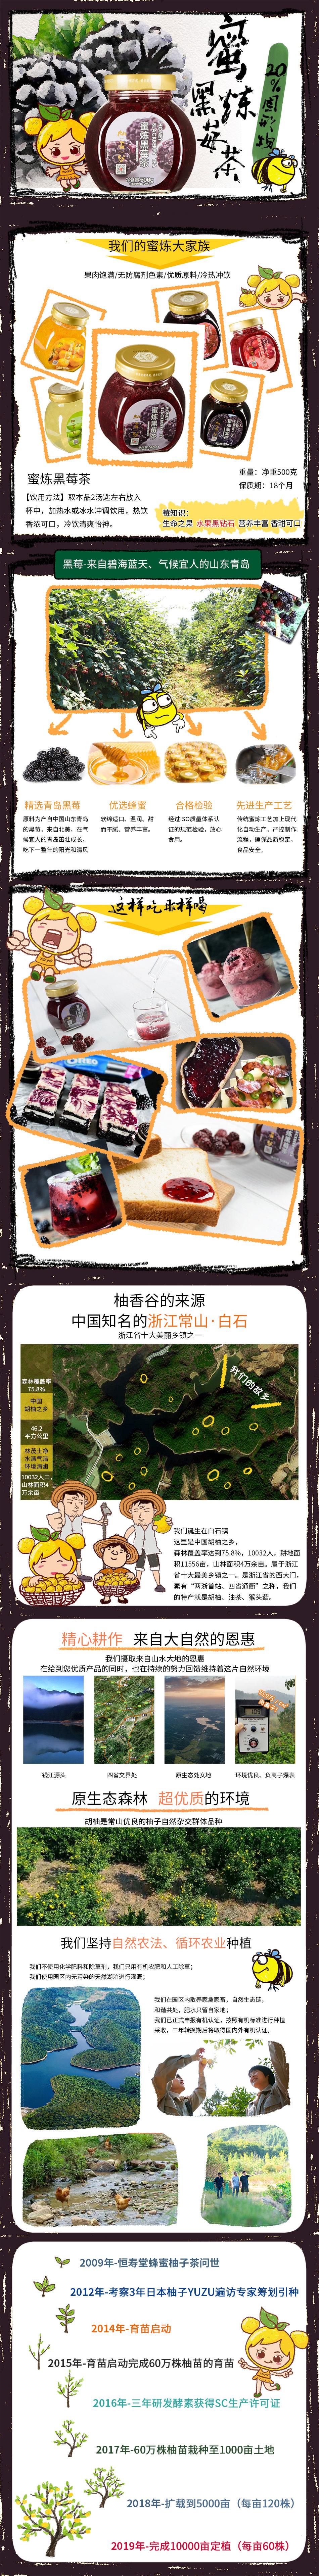 黑莓蜜炼500粗旷版